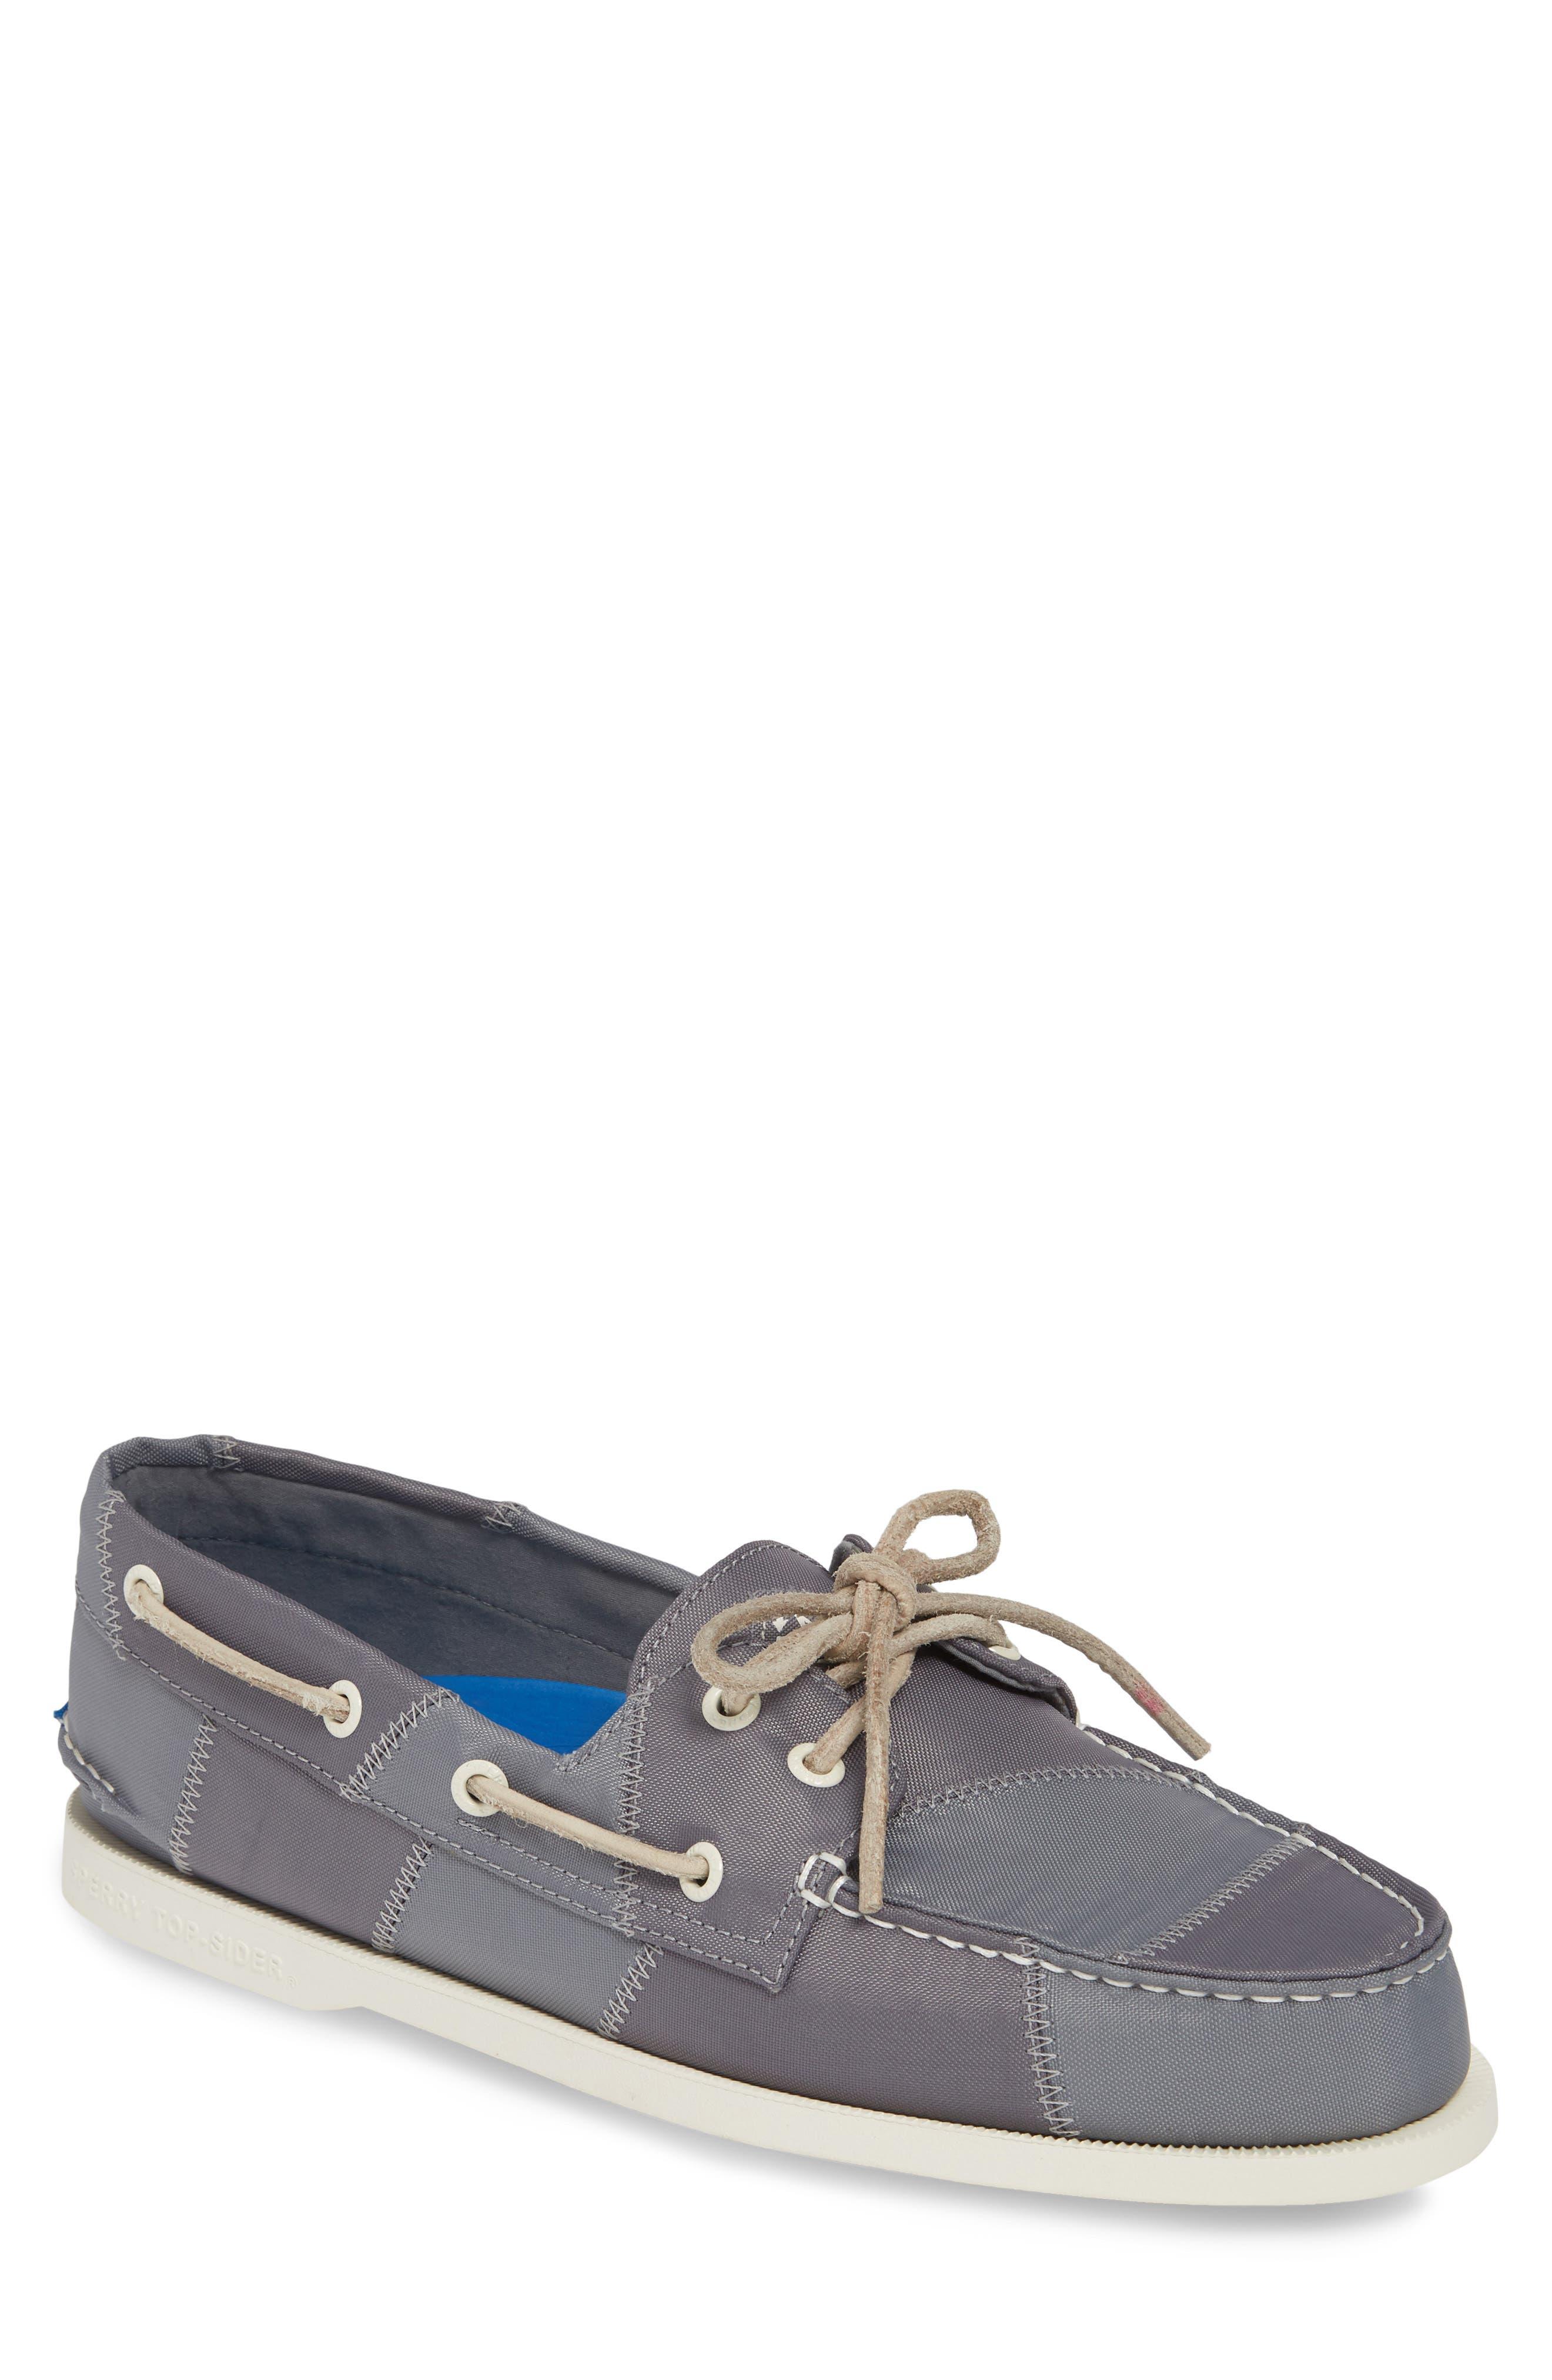 ,                             Authentic Original BIONIC<sup>®</sup> Boat Shoe,                             Main thumbnail 1, color,                             GREY/ BLUE